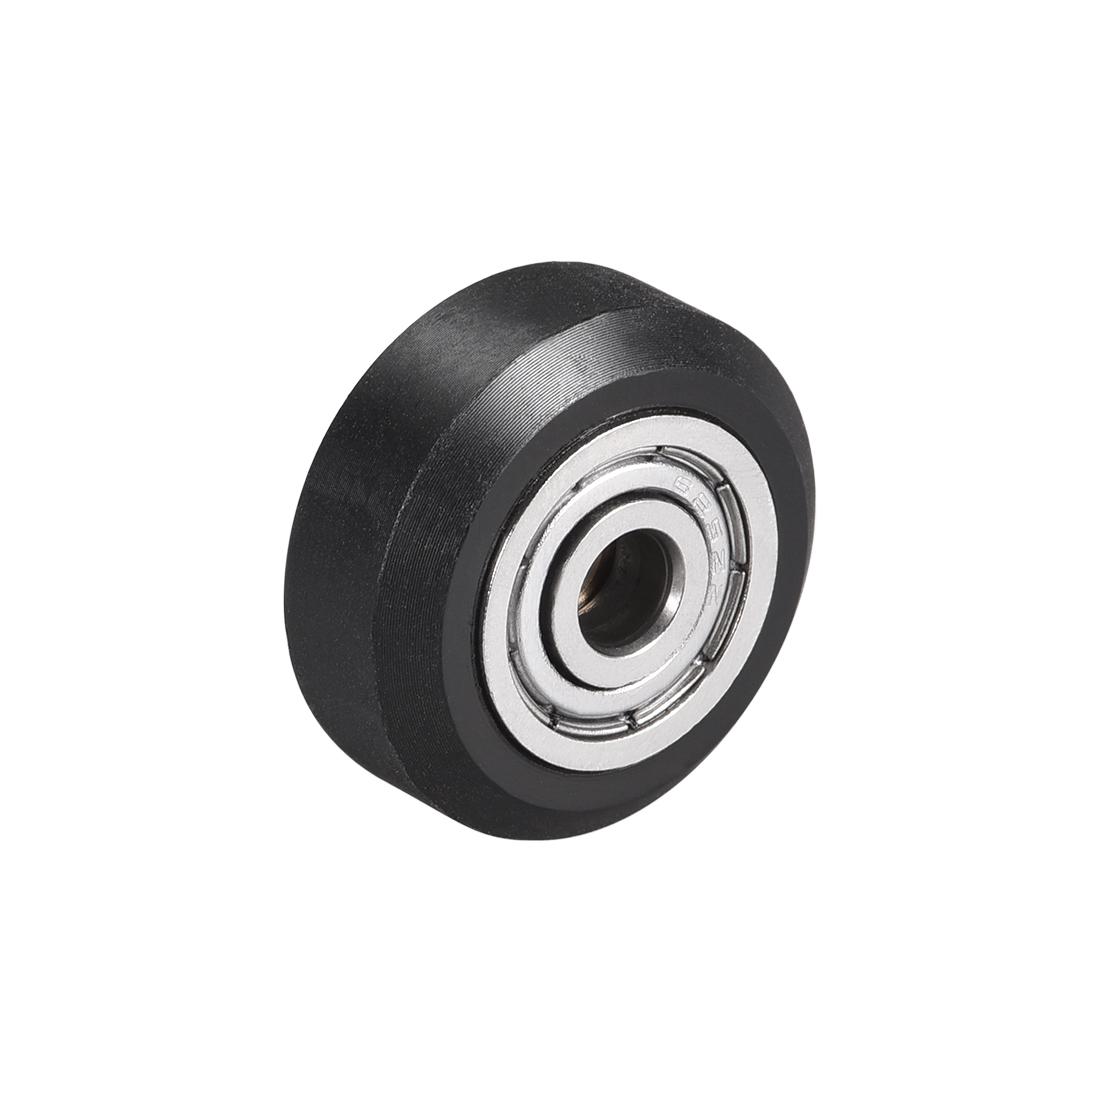 POM V Wheel with Bearing for 3D Printer RepRap, Ender 3, CR Series OD 24mm